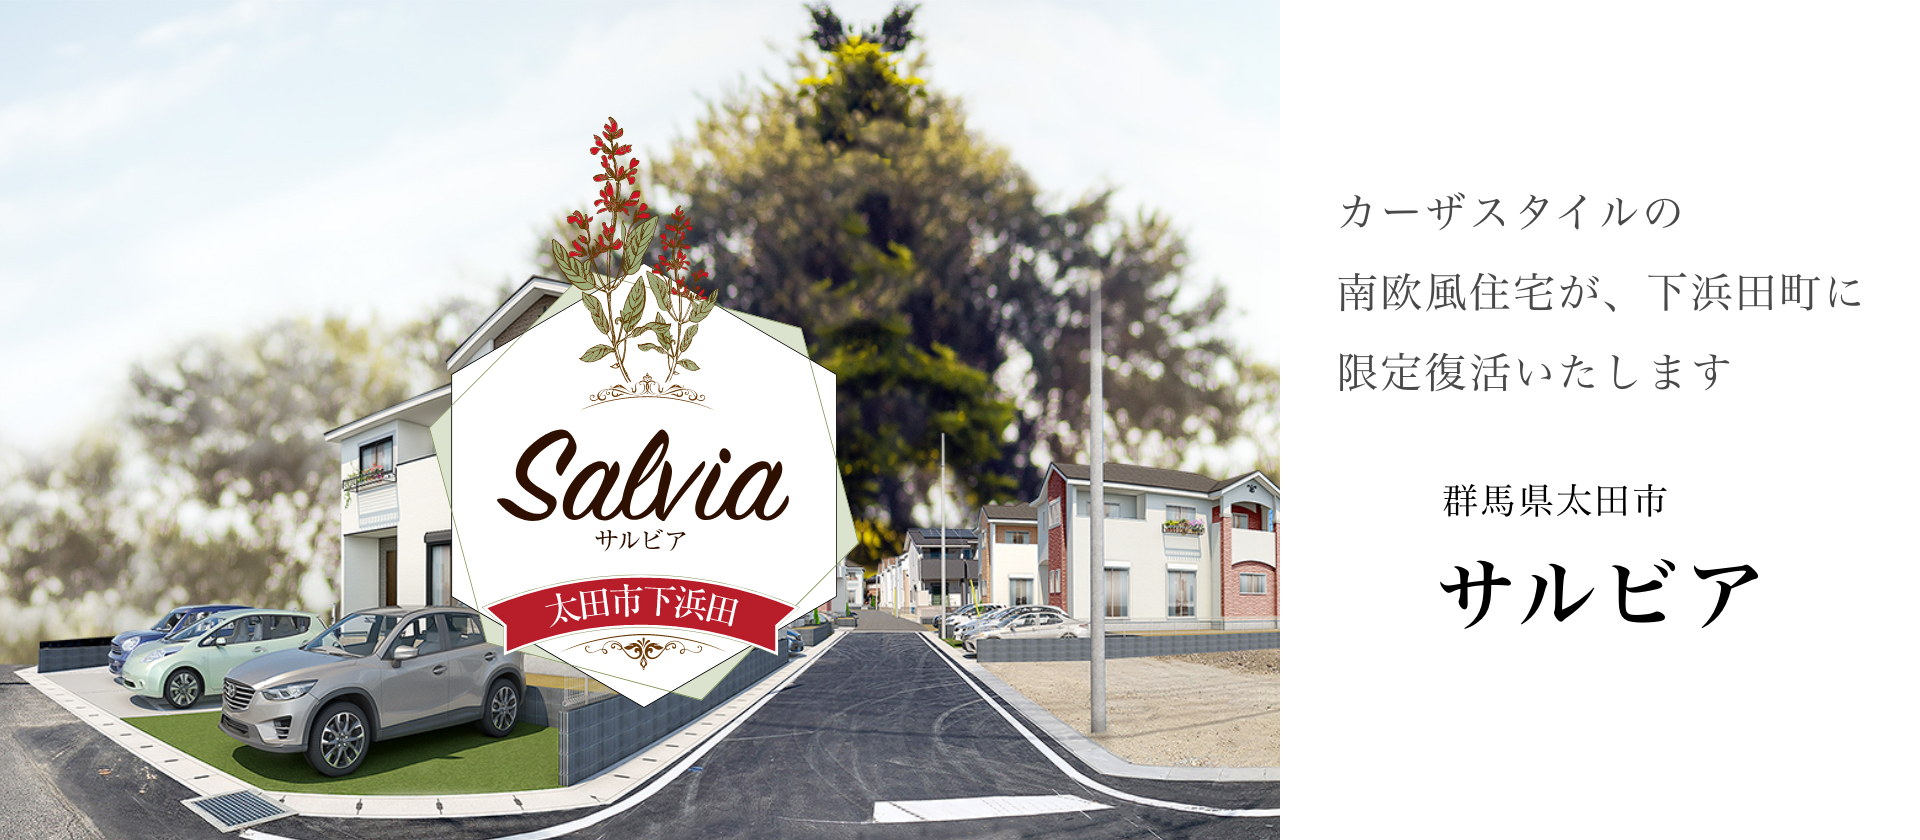 Salvia カーザスタイルの南欧風住宅が、下浜田町に限定復活いたします